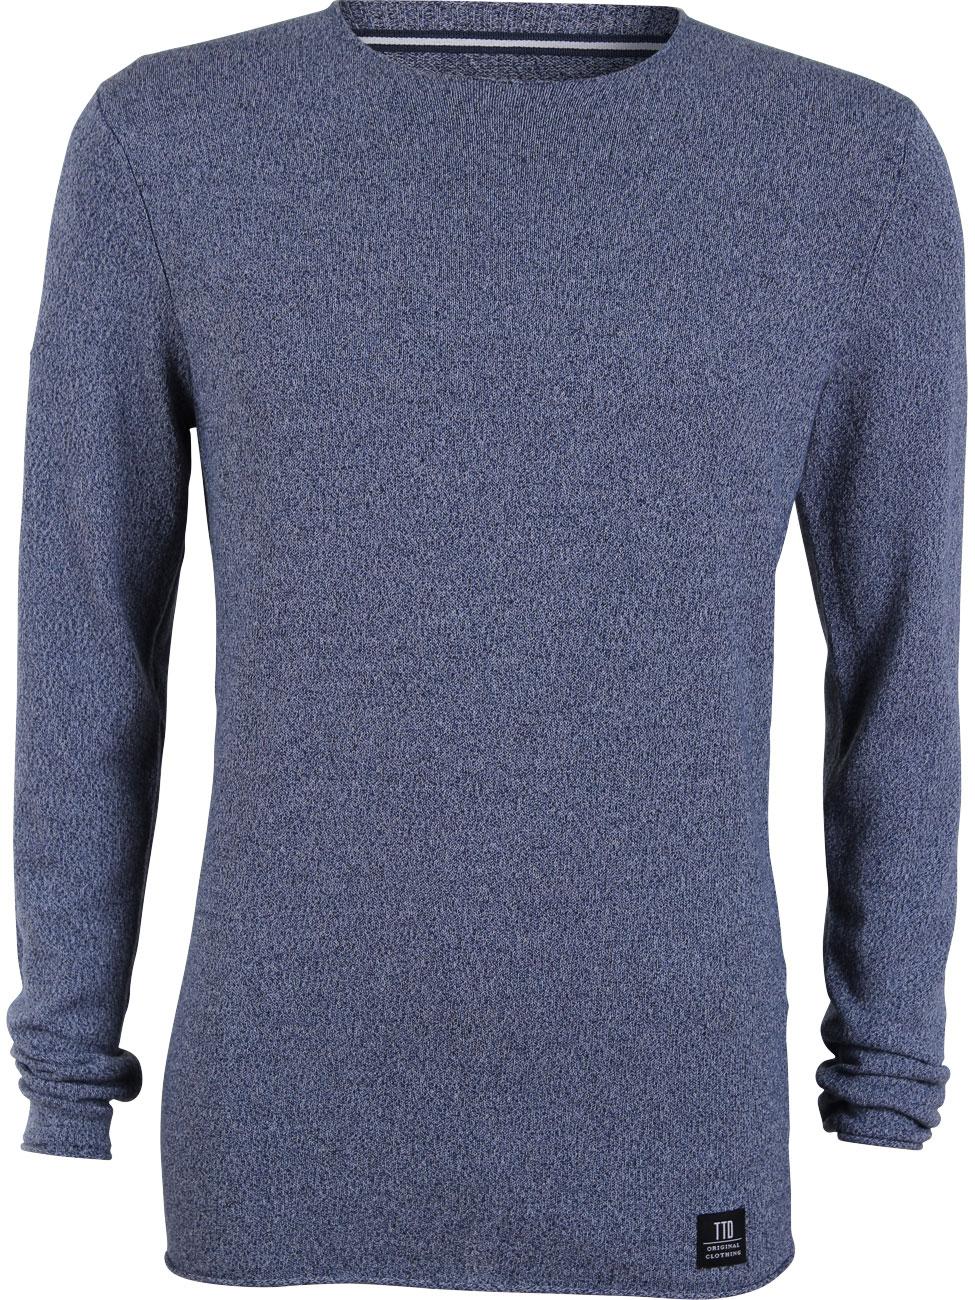 tom tailor denim herren sweater structured crewneck ebay. Black Bedroom Furniture Sets. Home Design Ideas